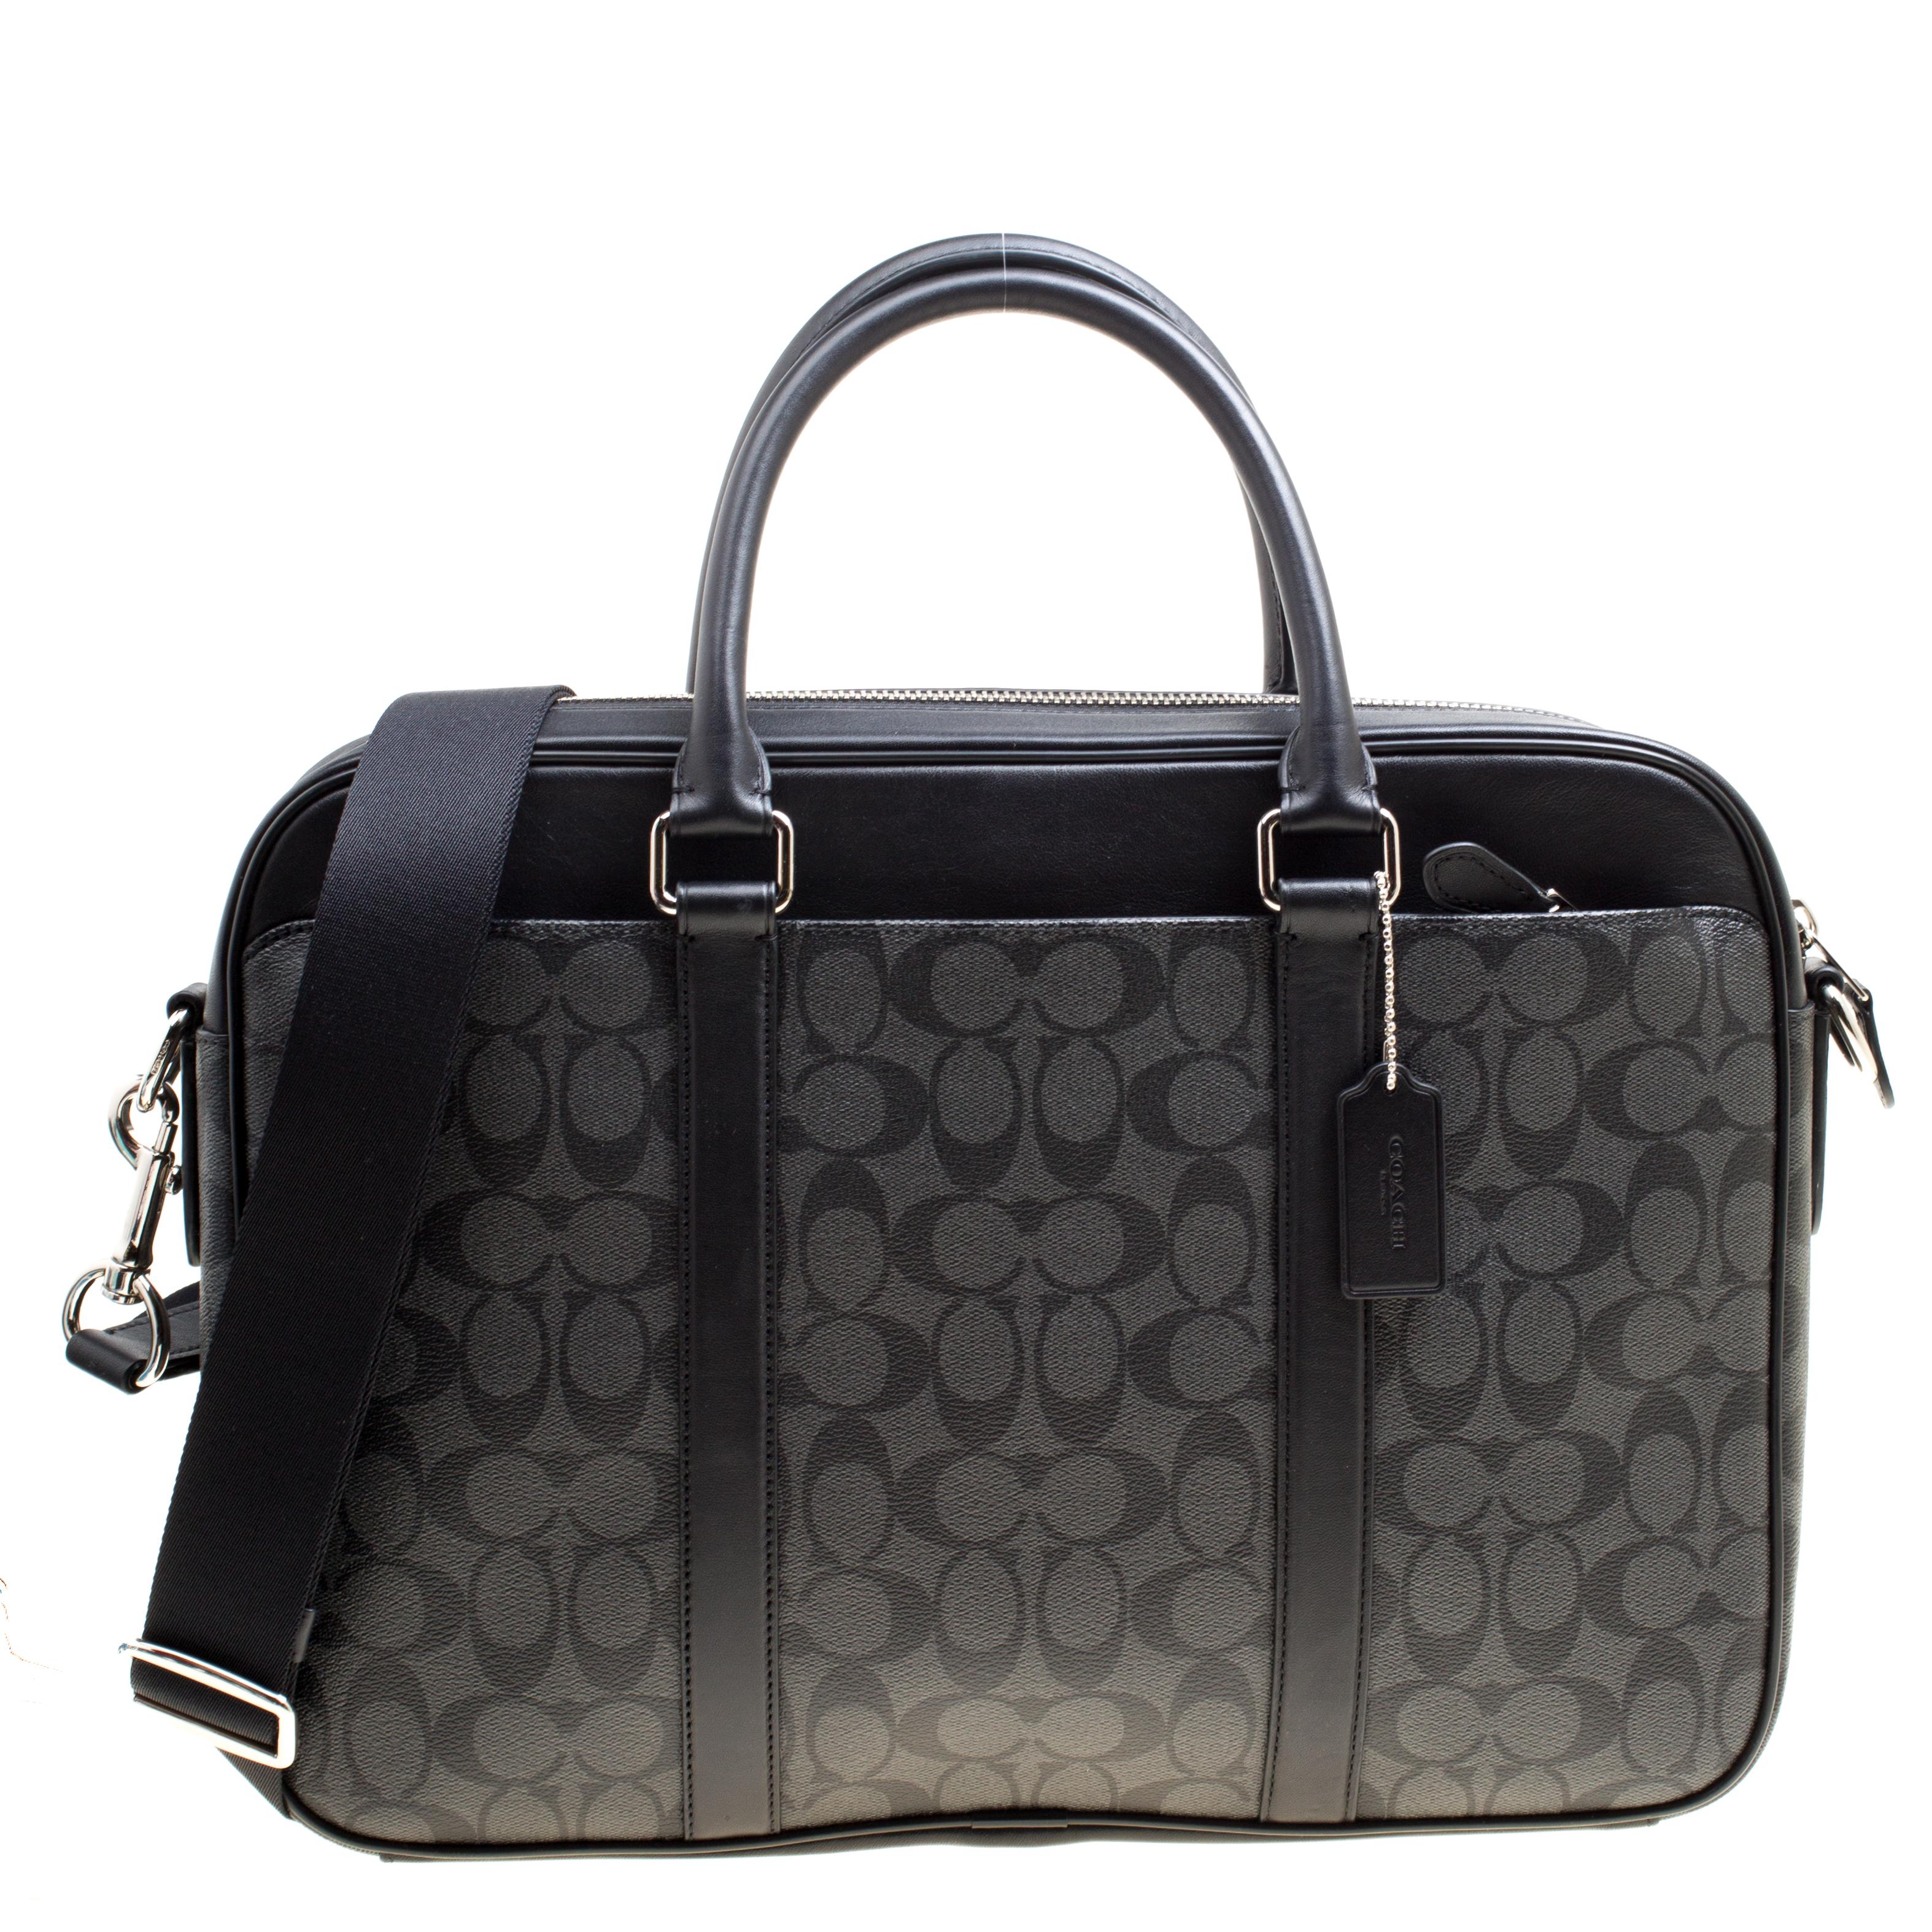 3e776d6d7e2ac Buy Coach Black Signature Canvas and Leather Slim Laptop Bag 161457 ...